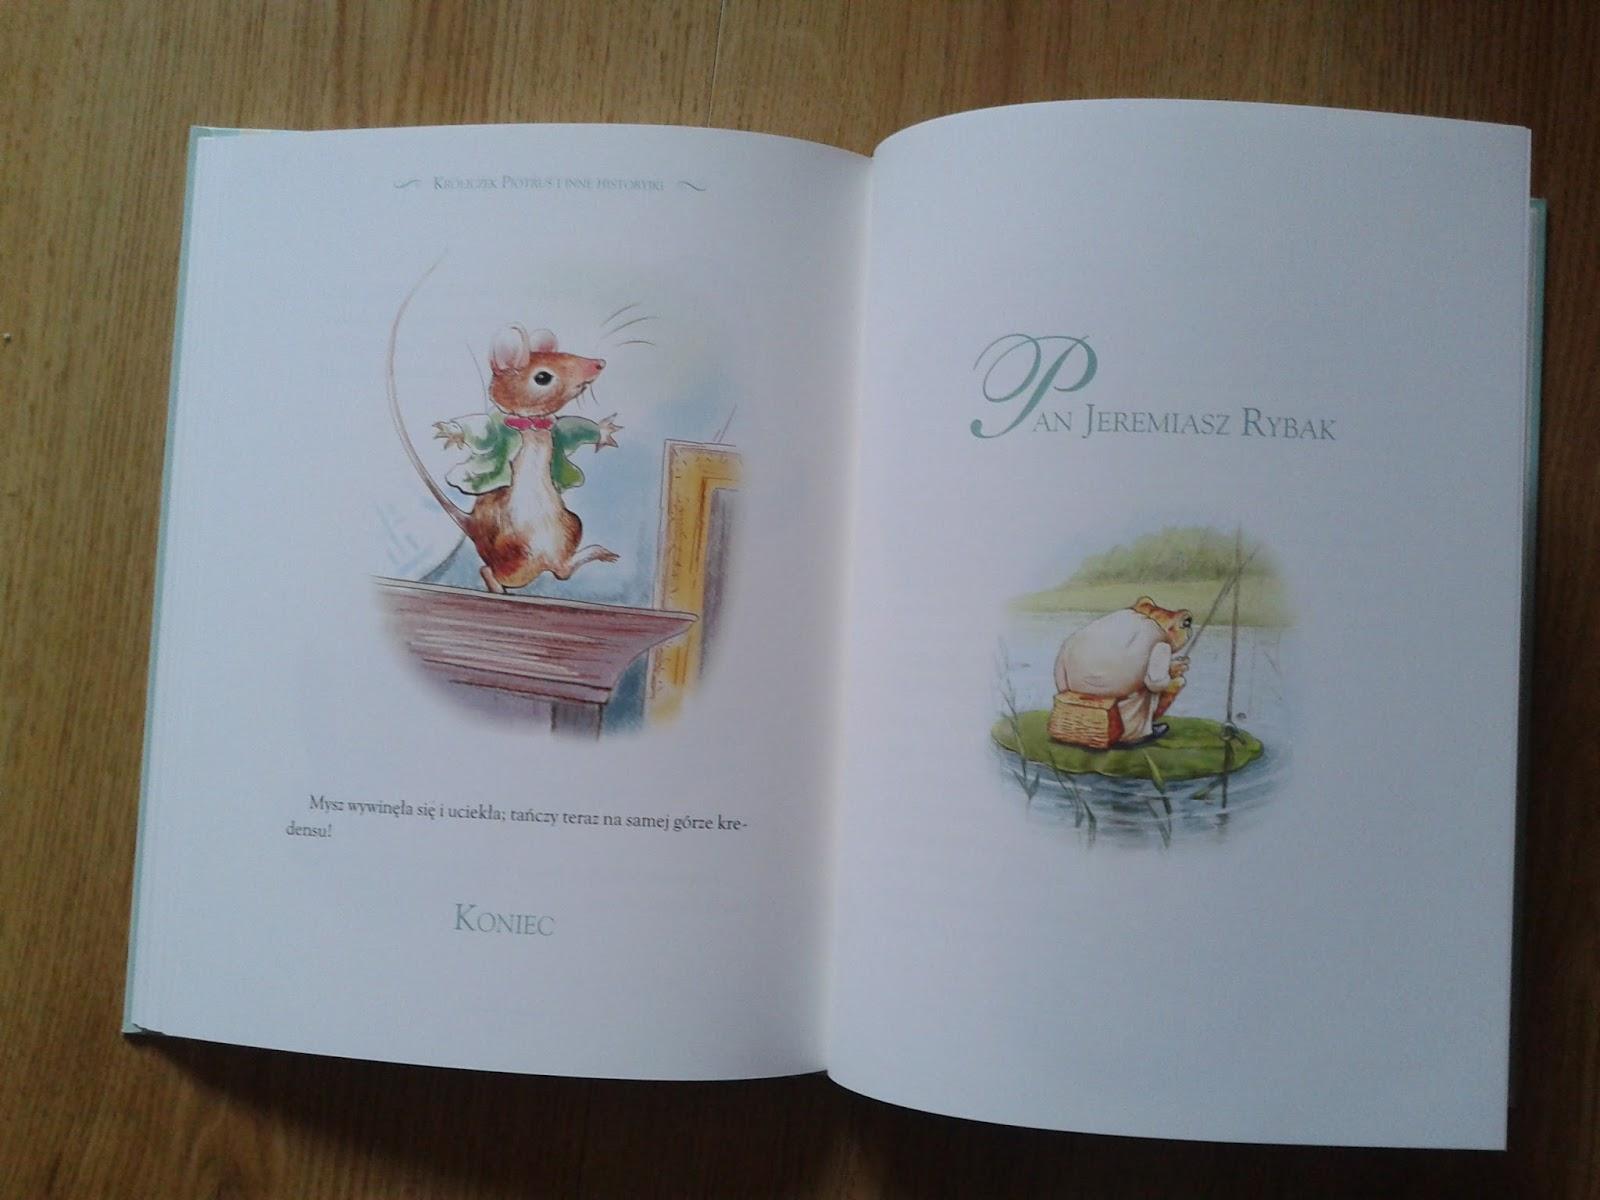 3559655c08 Biblioteczka moich dzieci powiększyła się ostatnio o kilka naprawdę  wyjątkowych tytułów. Jedną z takich perełek jest książka pt.